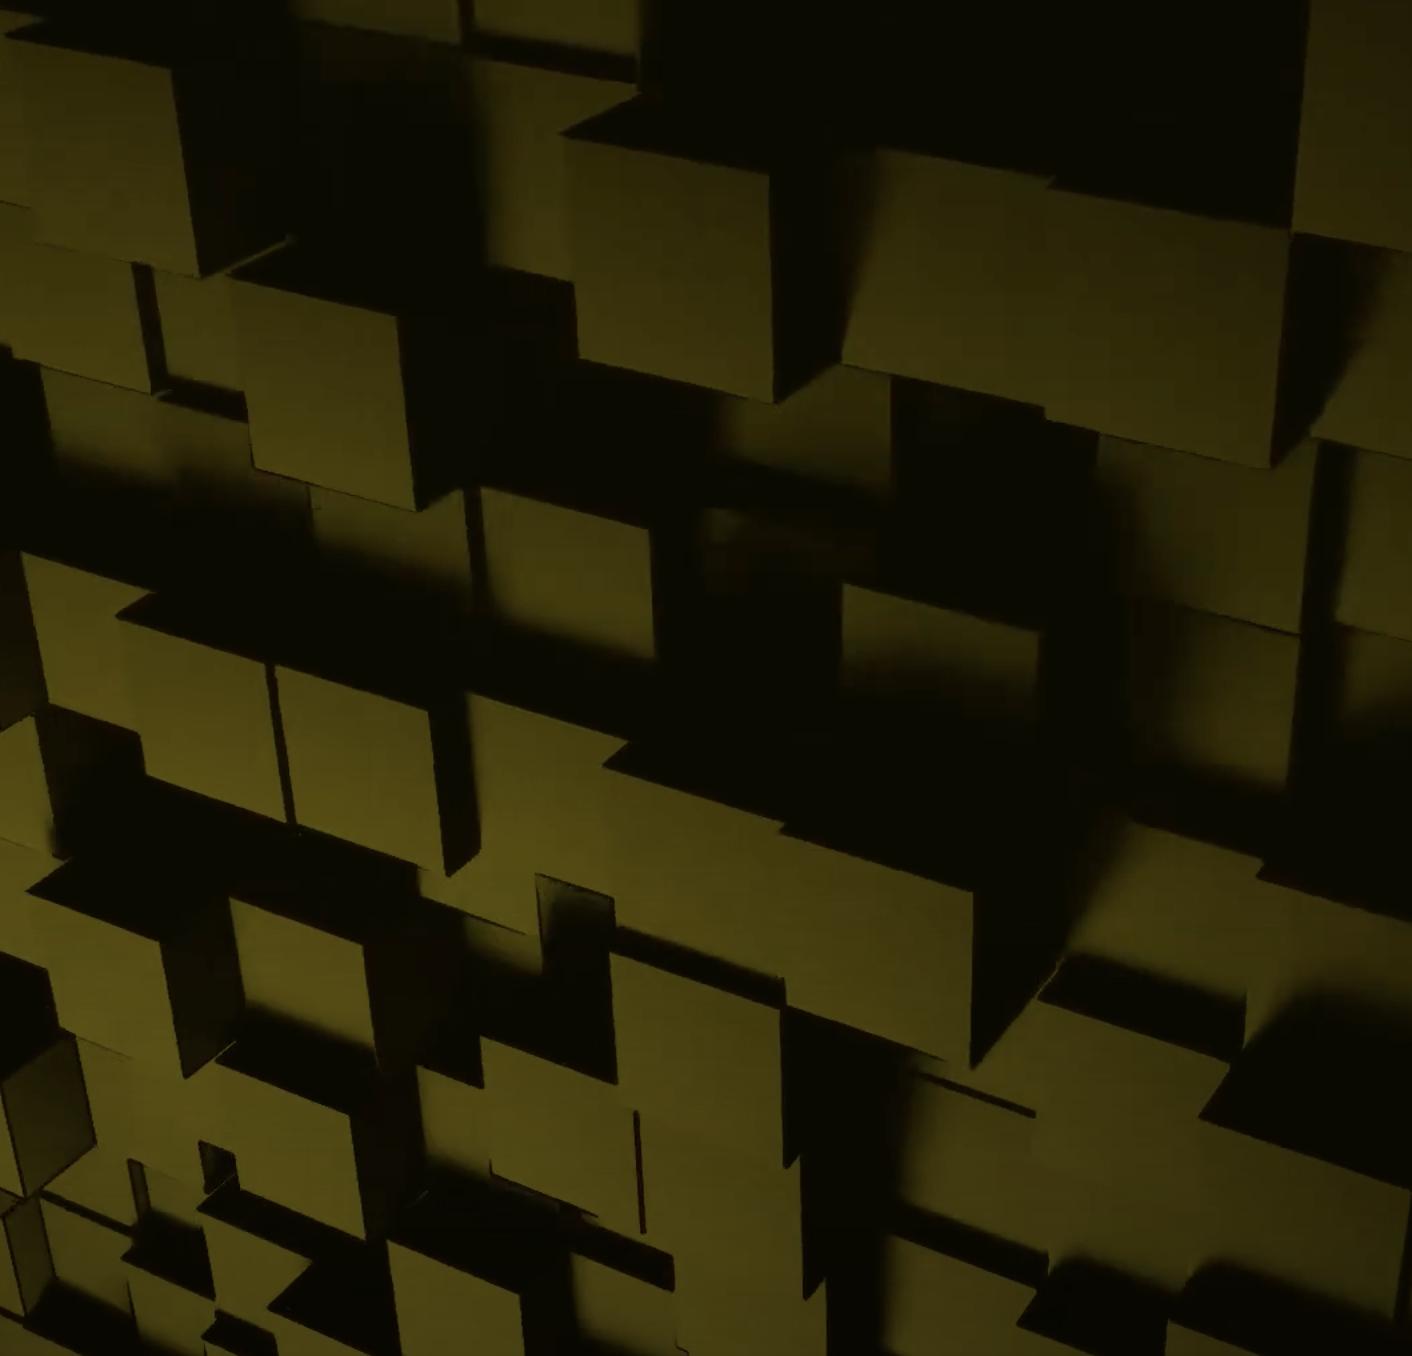 Screenshot 2020-11-02 at 17.21.42.png